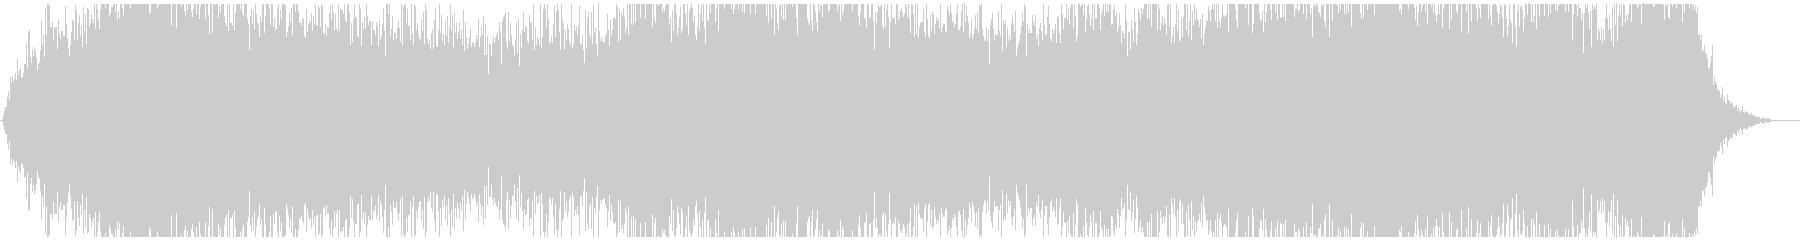 ドローン バブリング03の未再生の波形